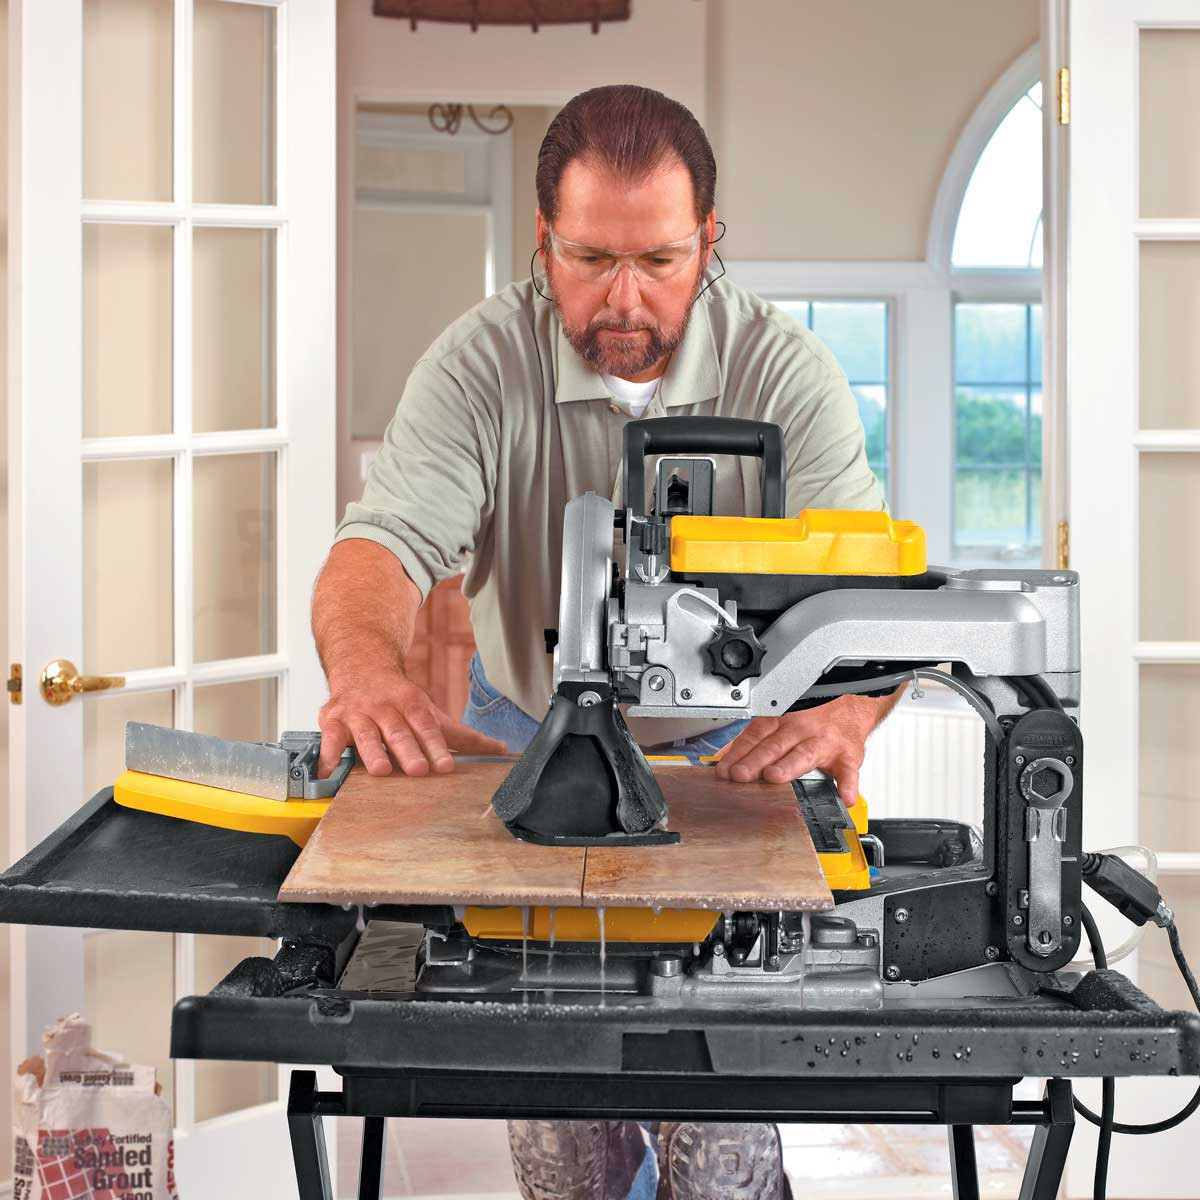 cutting ceramic dewalt tile saw